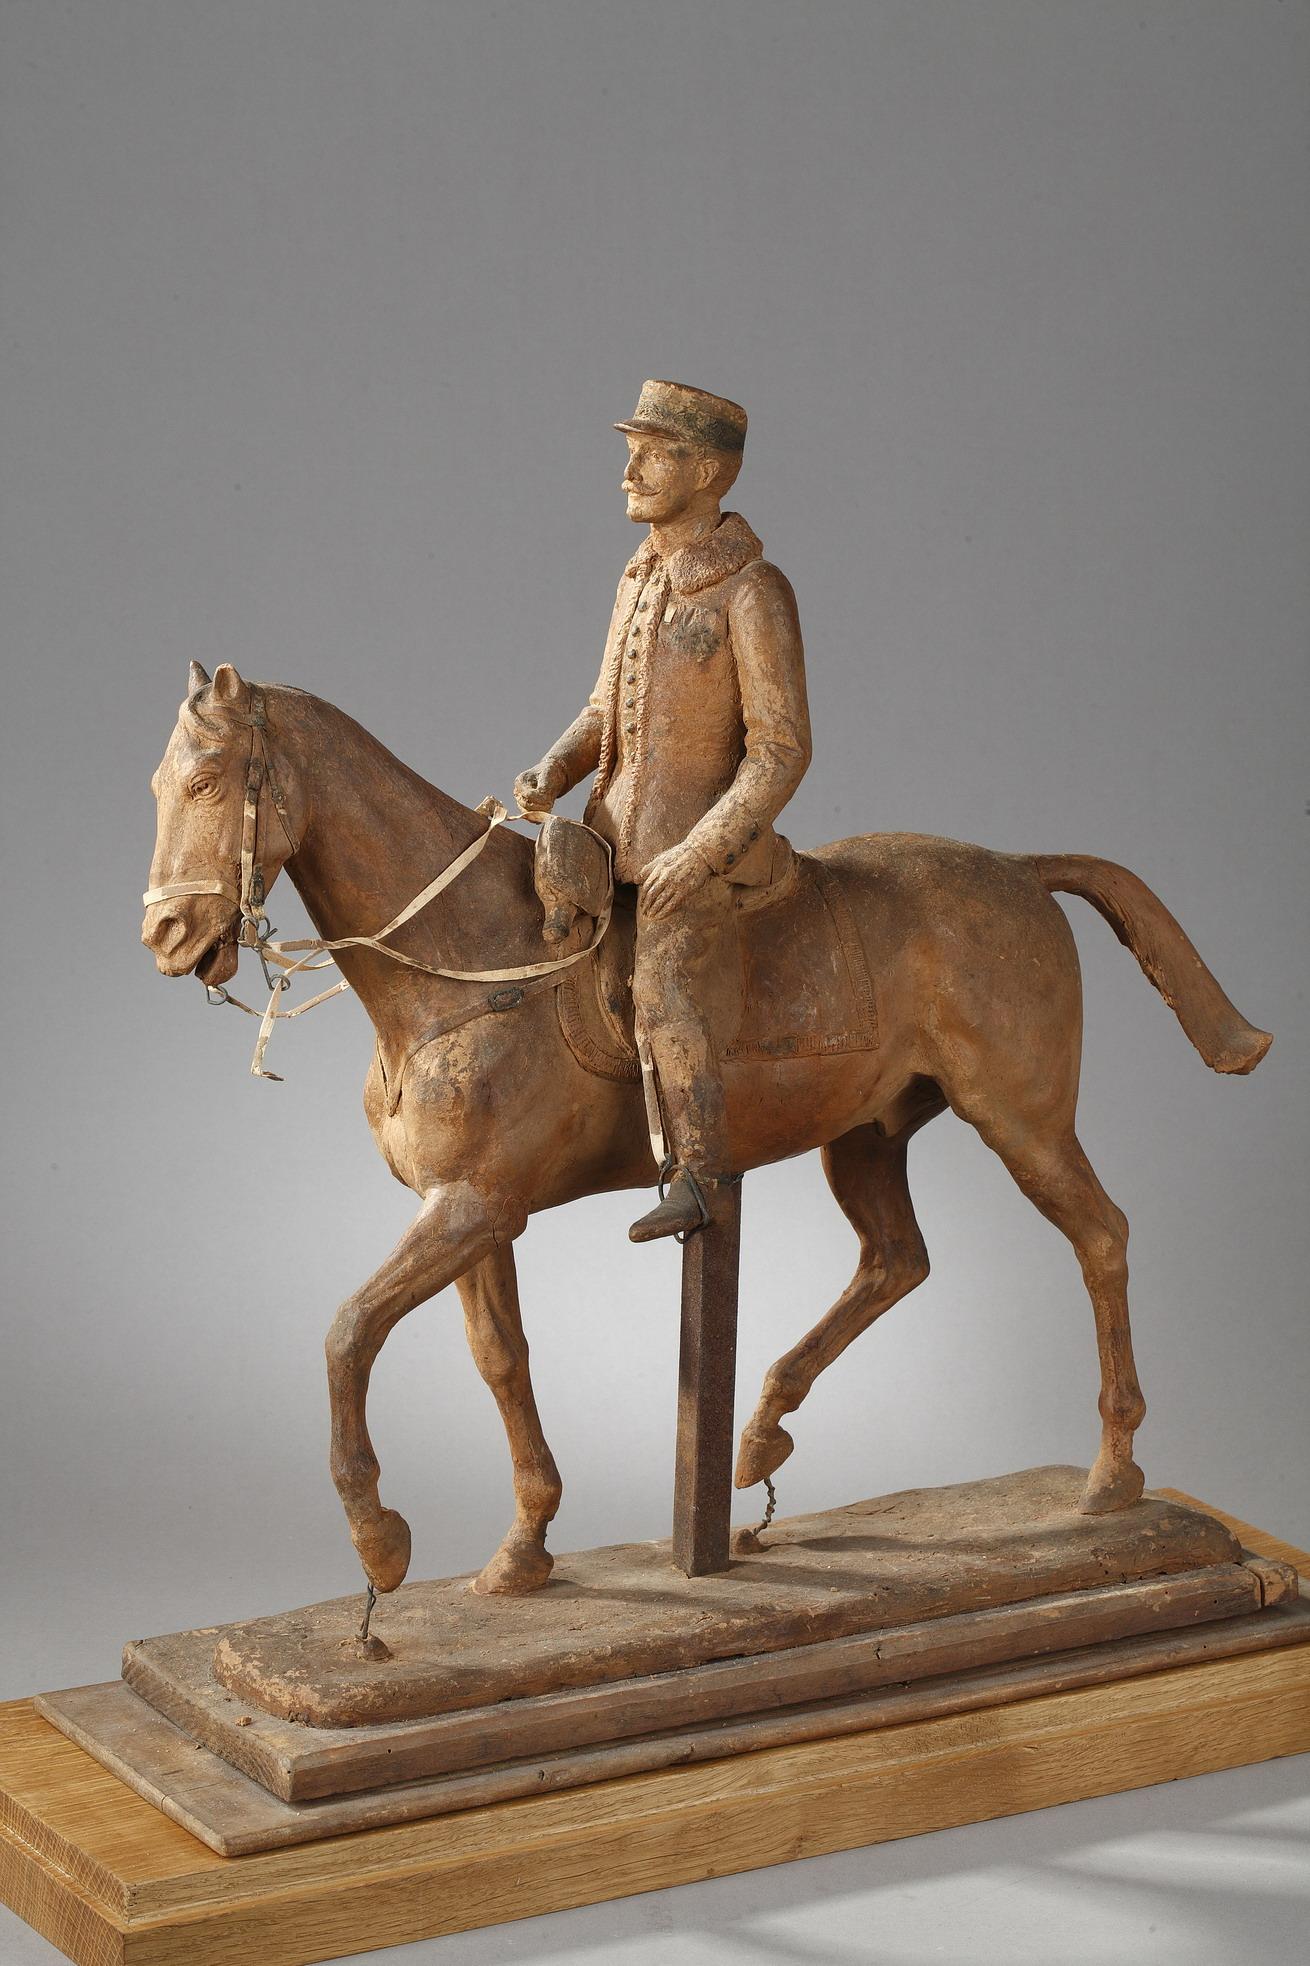 attr. Gaston d'Illiers (1876-1932), Cavalier, Général Français, cire originale, haut. 47 cm, sculptures - galerie Tourbillon, Paris